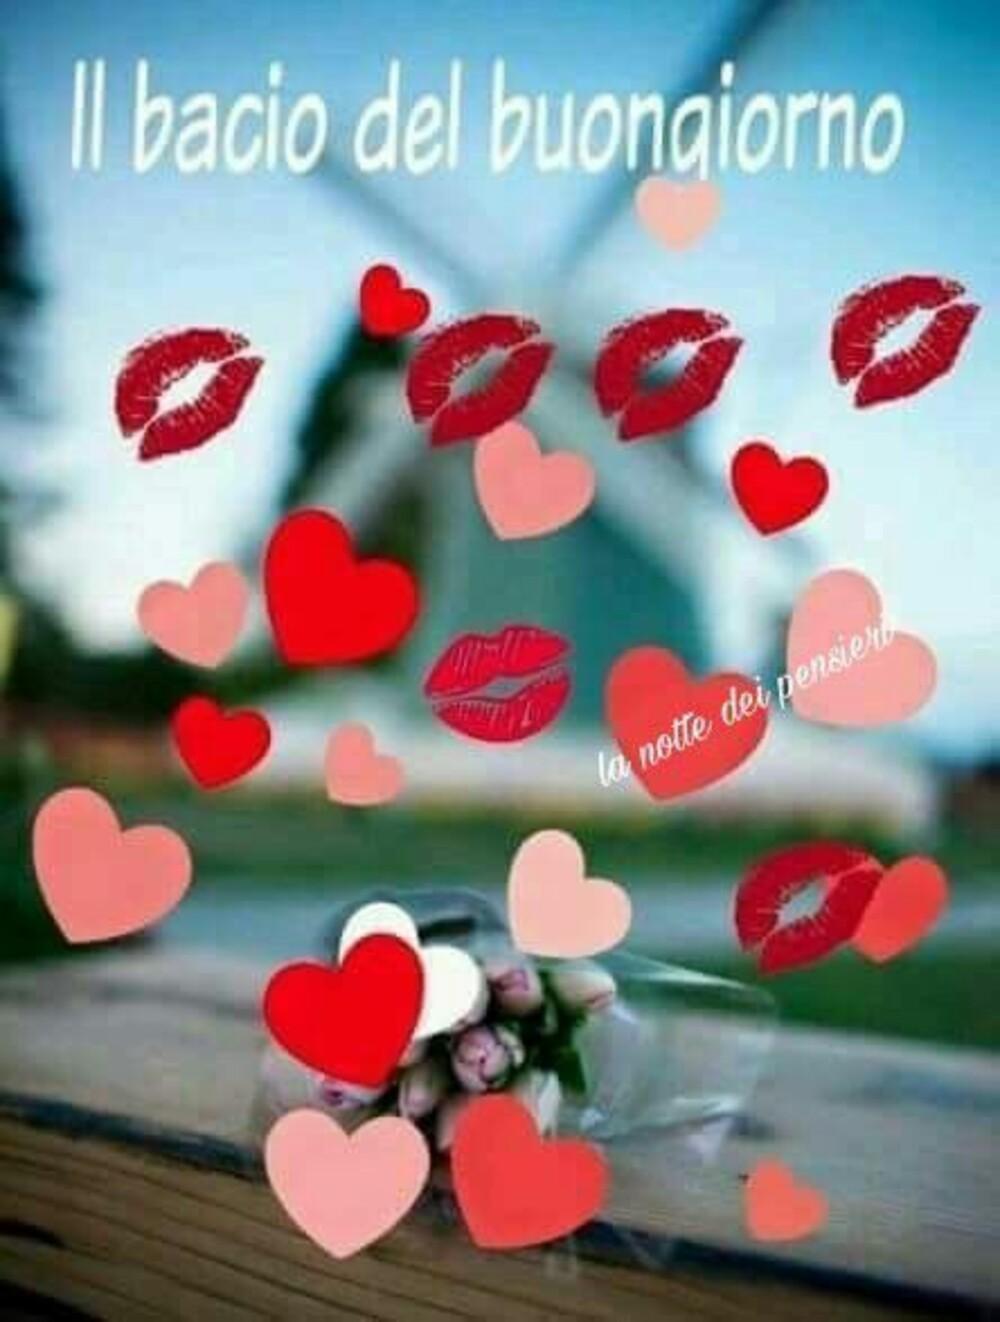 Il bacio del buongiorno